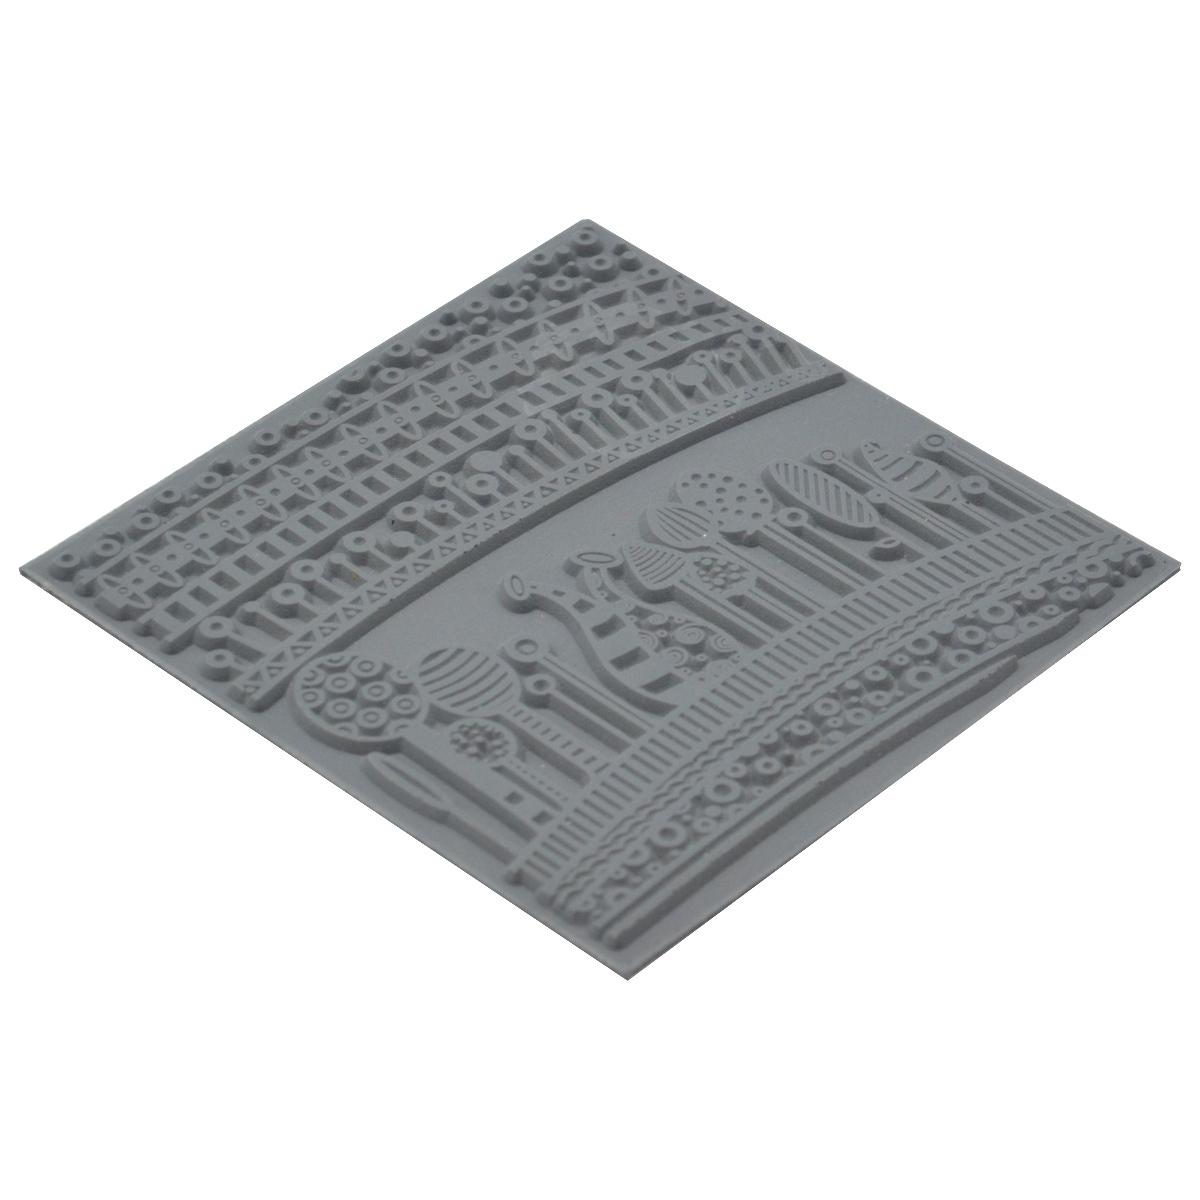 CE95018 Текстура для пластики резиновая 'Гармония', 9х9 см. Cernit